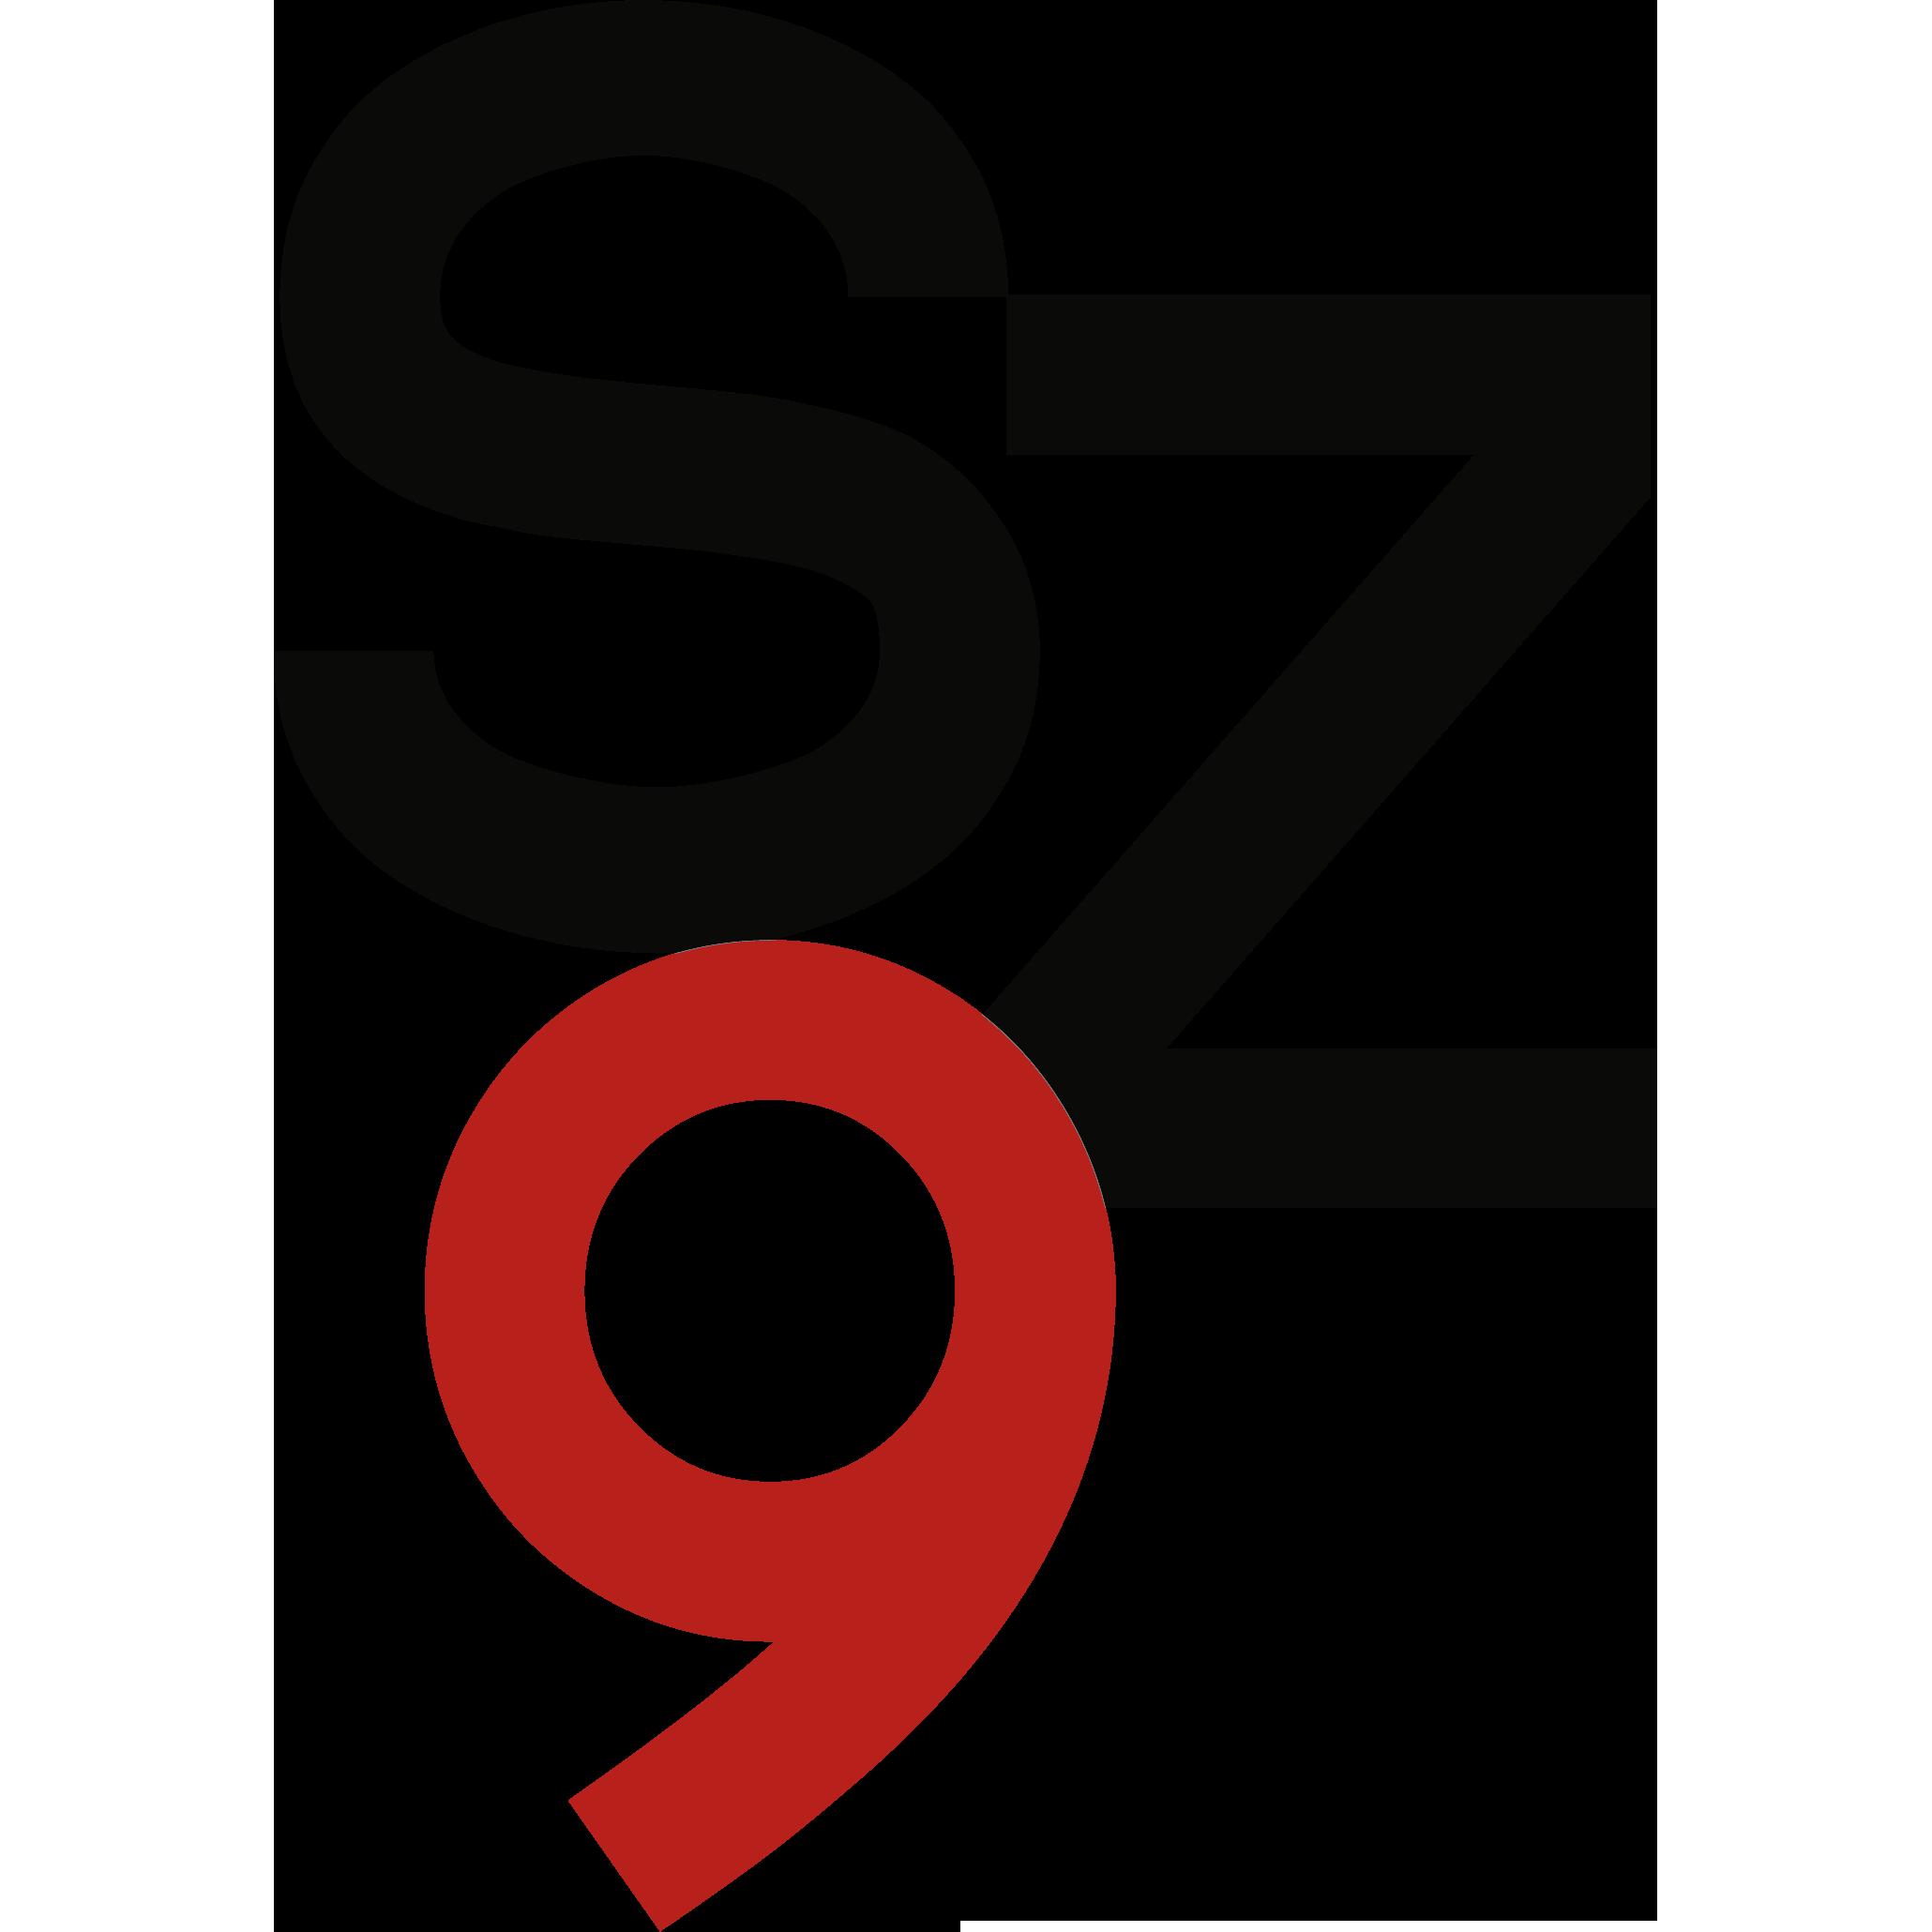 https://homelessfestival.org/wp-content/uploads/2021/09/Logo-Santurzine9-n-100x100-3.png